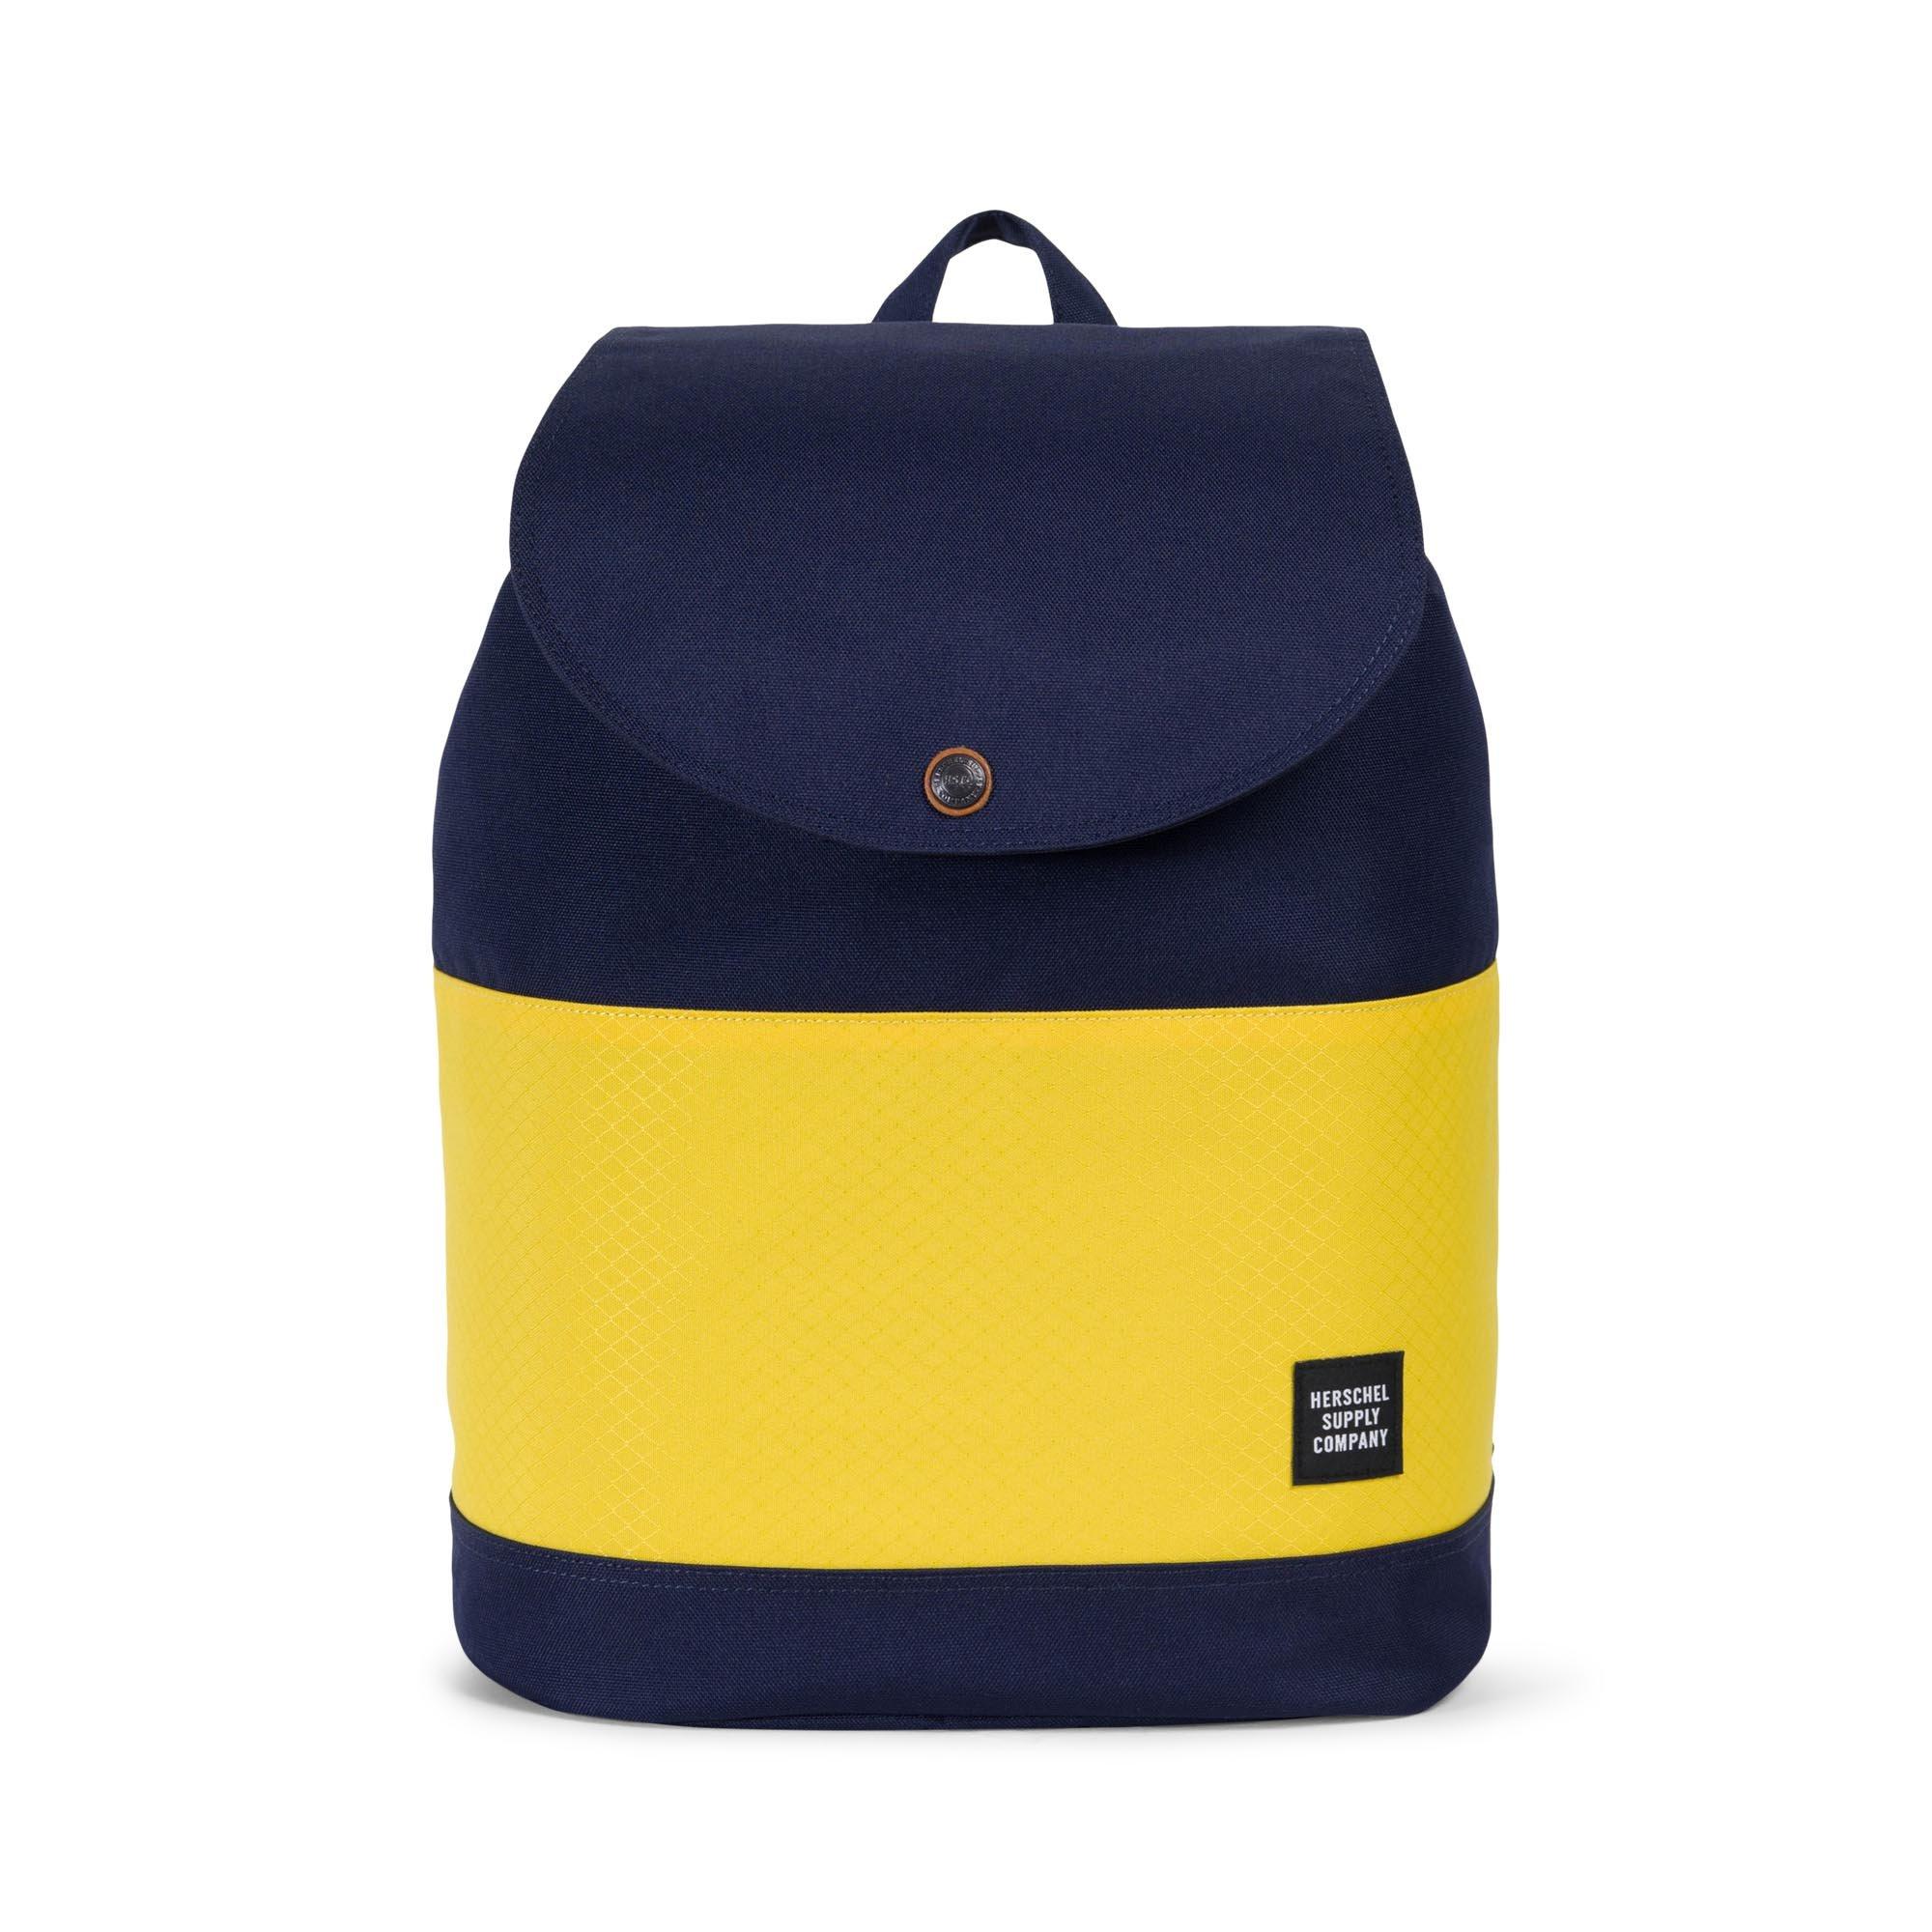 Herschel Supply Co. Reid Backpack, Peacoat/Cyber Yellow